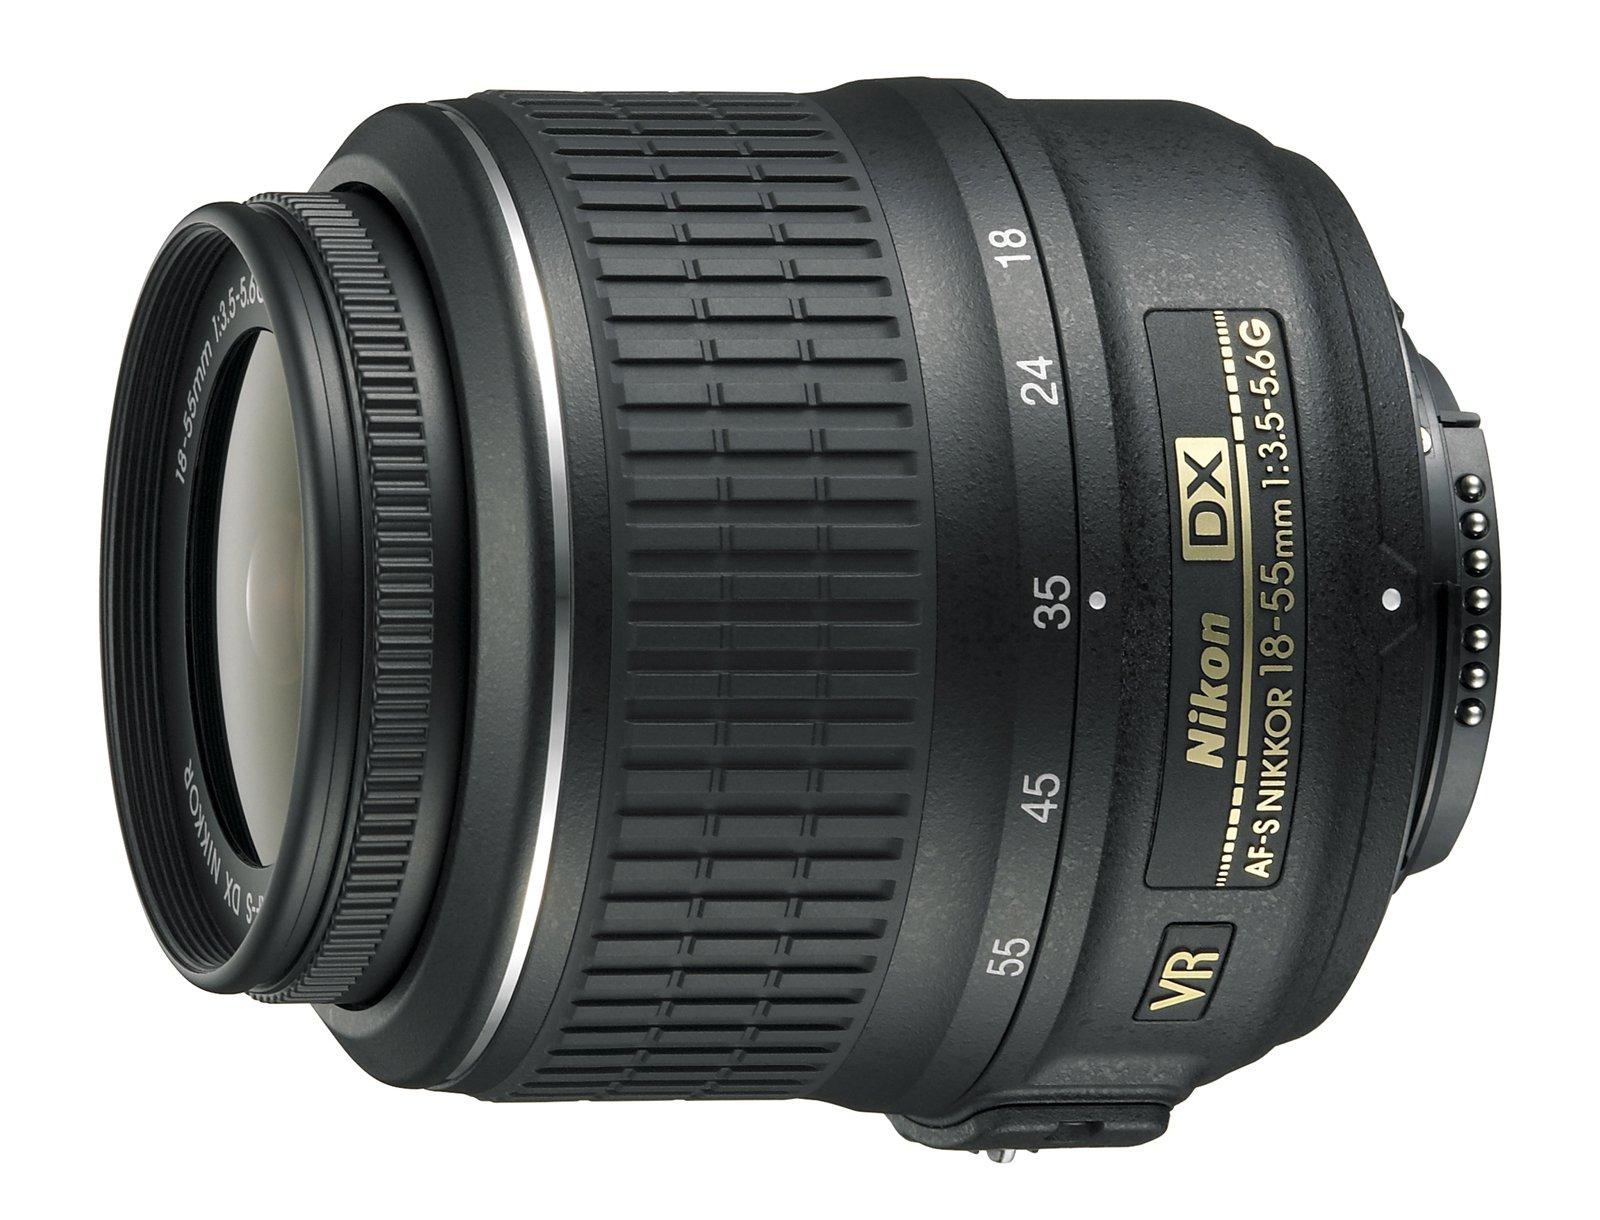 Nikon 18-55mm f/3.5-5.6G AF-S DX VR Nikkor Zoom Lens - White Box (New) (Bulk Packaging) by Nikon